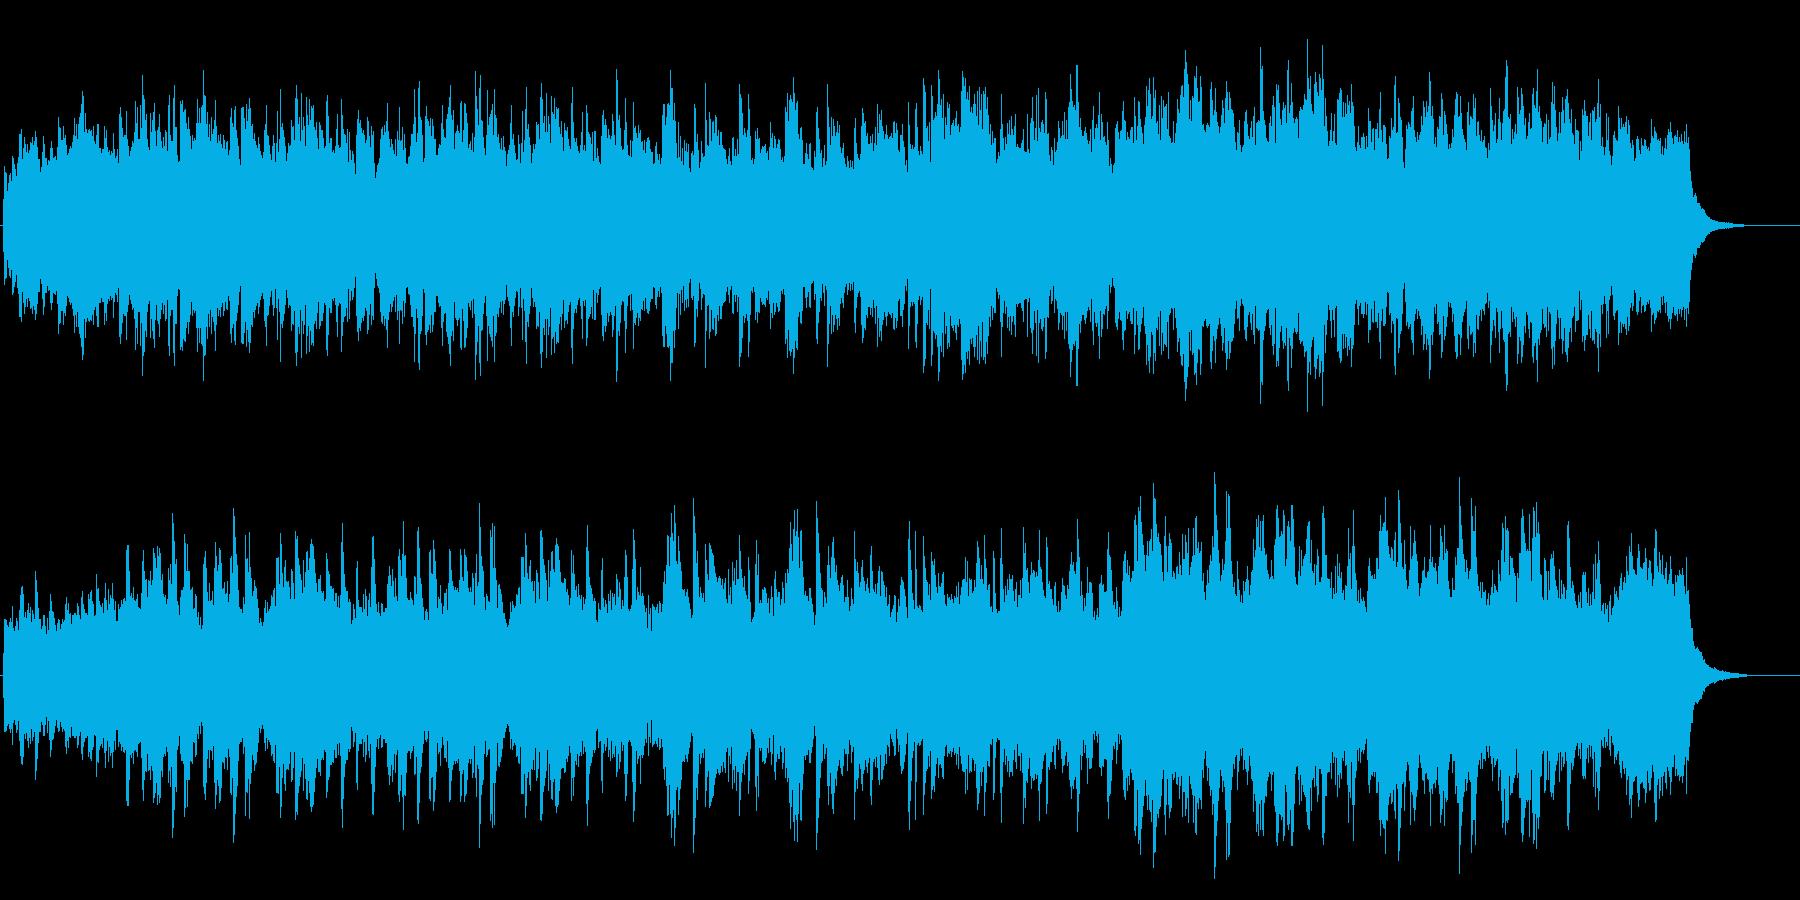 幻想的で退廃的な世界をピアノ中心に表現の再生済みの波形